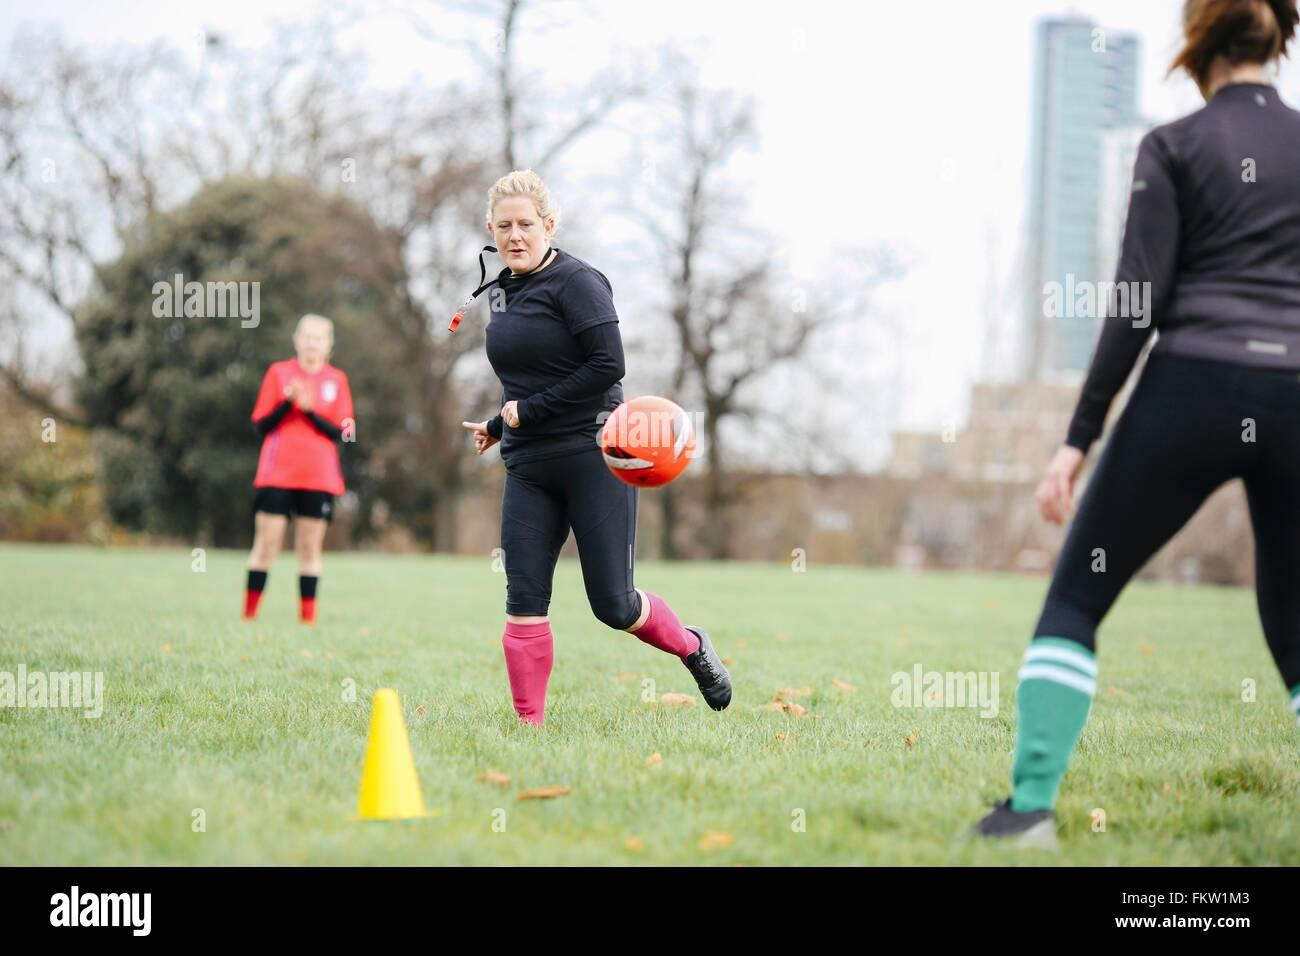 Female soccer players having soccer practice in park - Stock Image